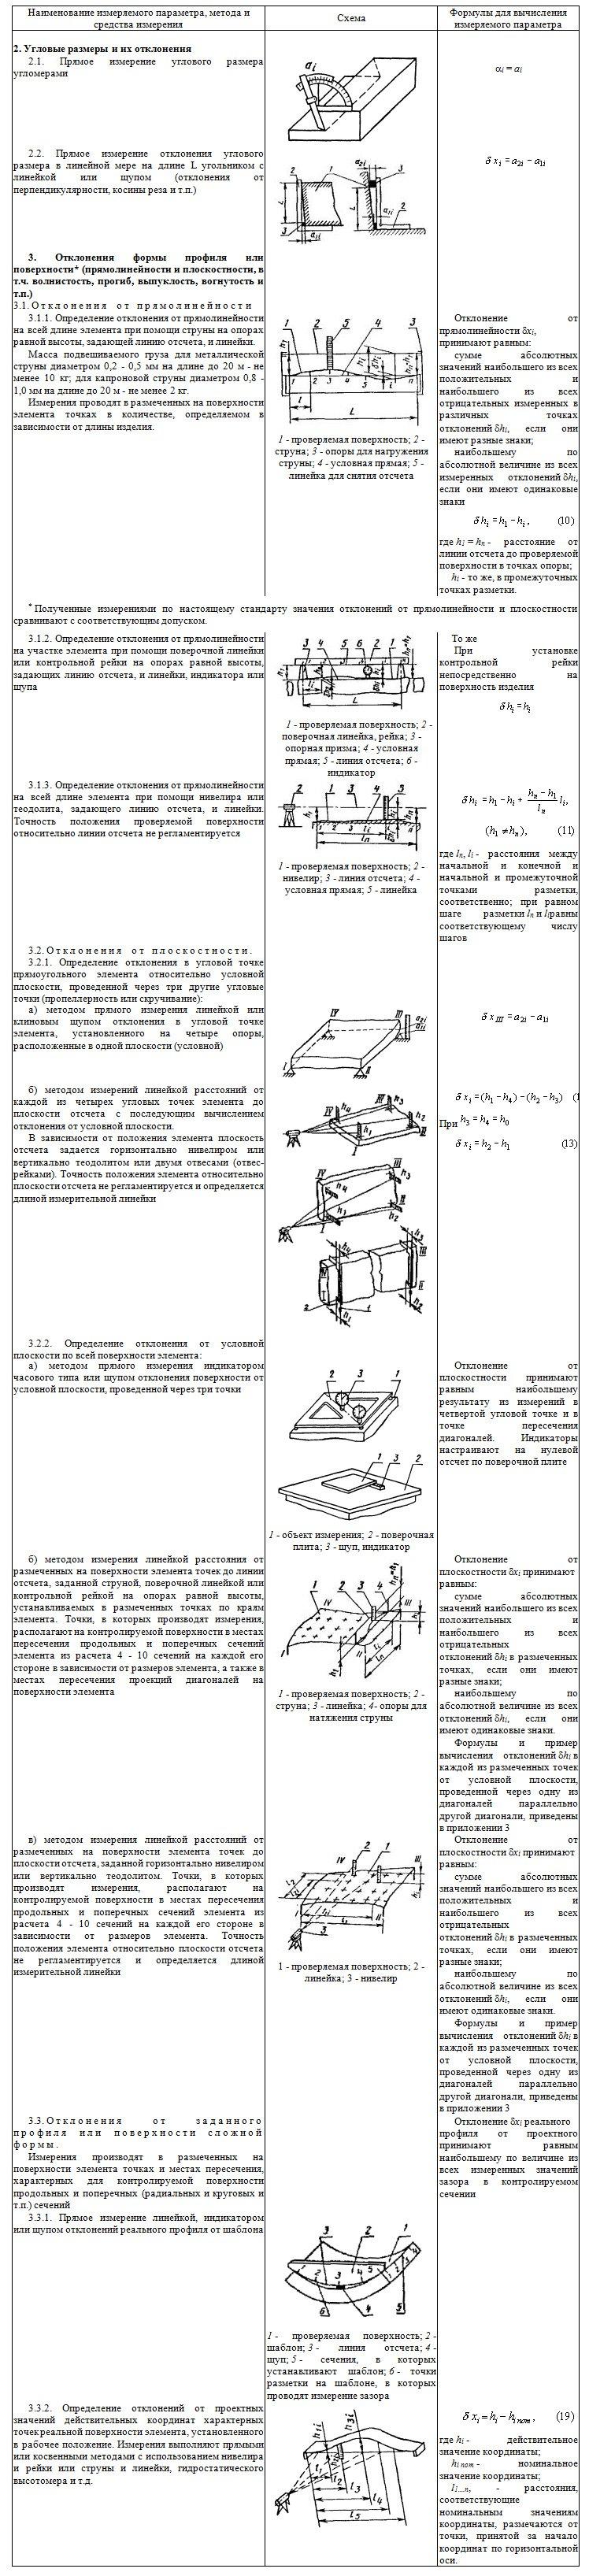 Правила выполнения измерений